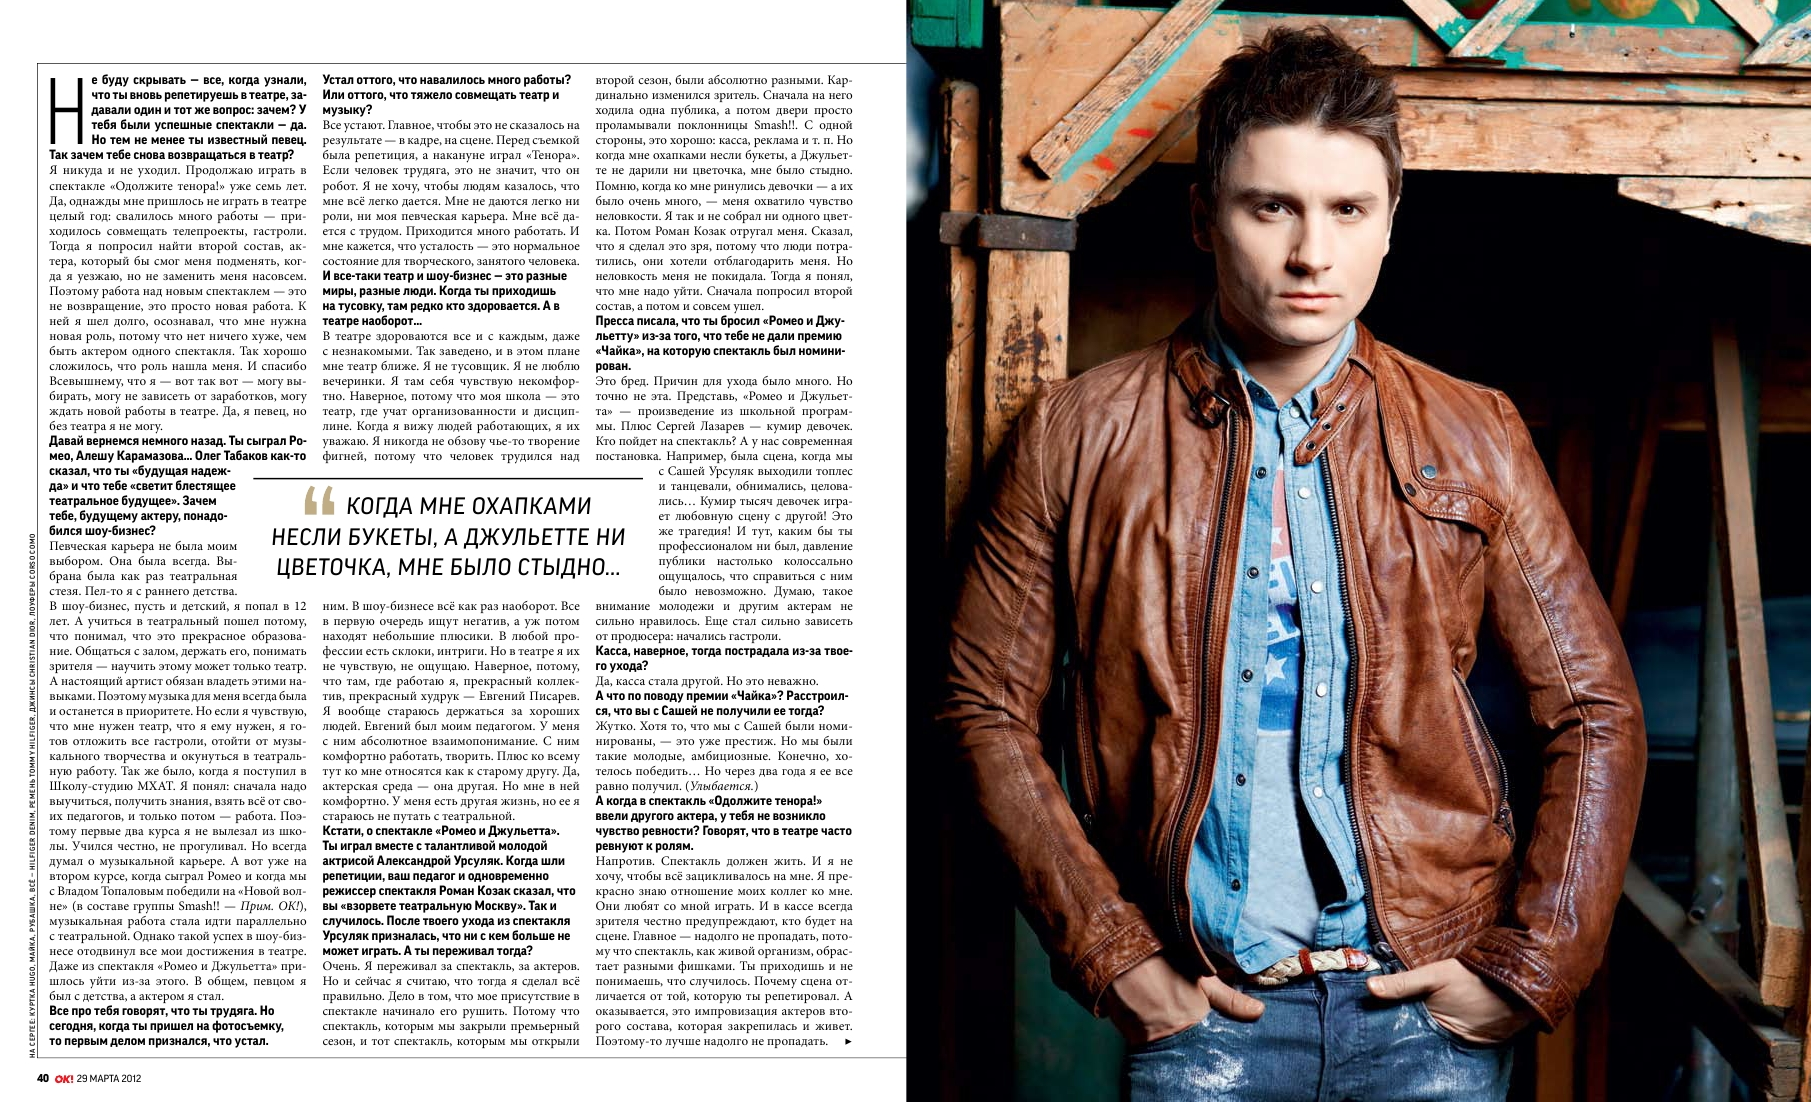 теле.ru голосование фото со звездой журнал теленеделя